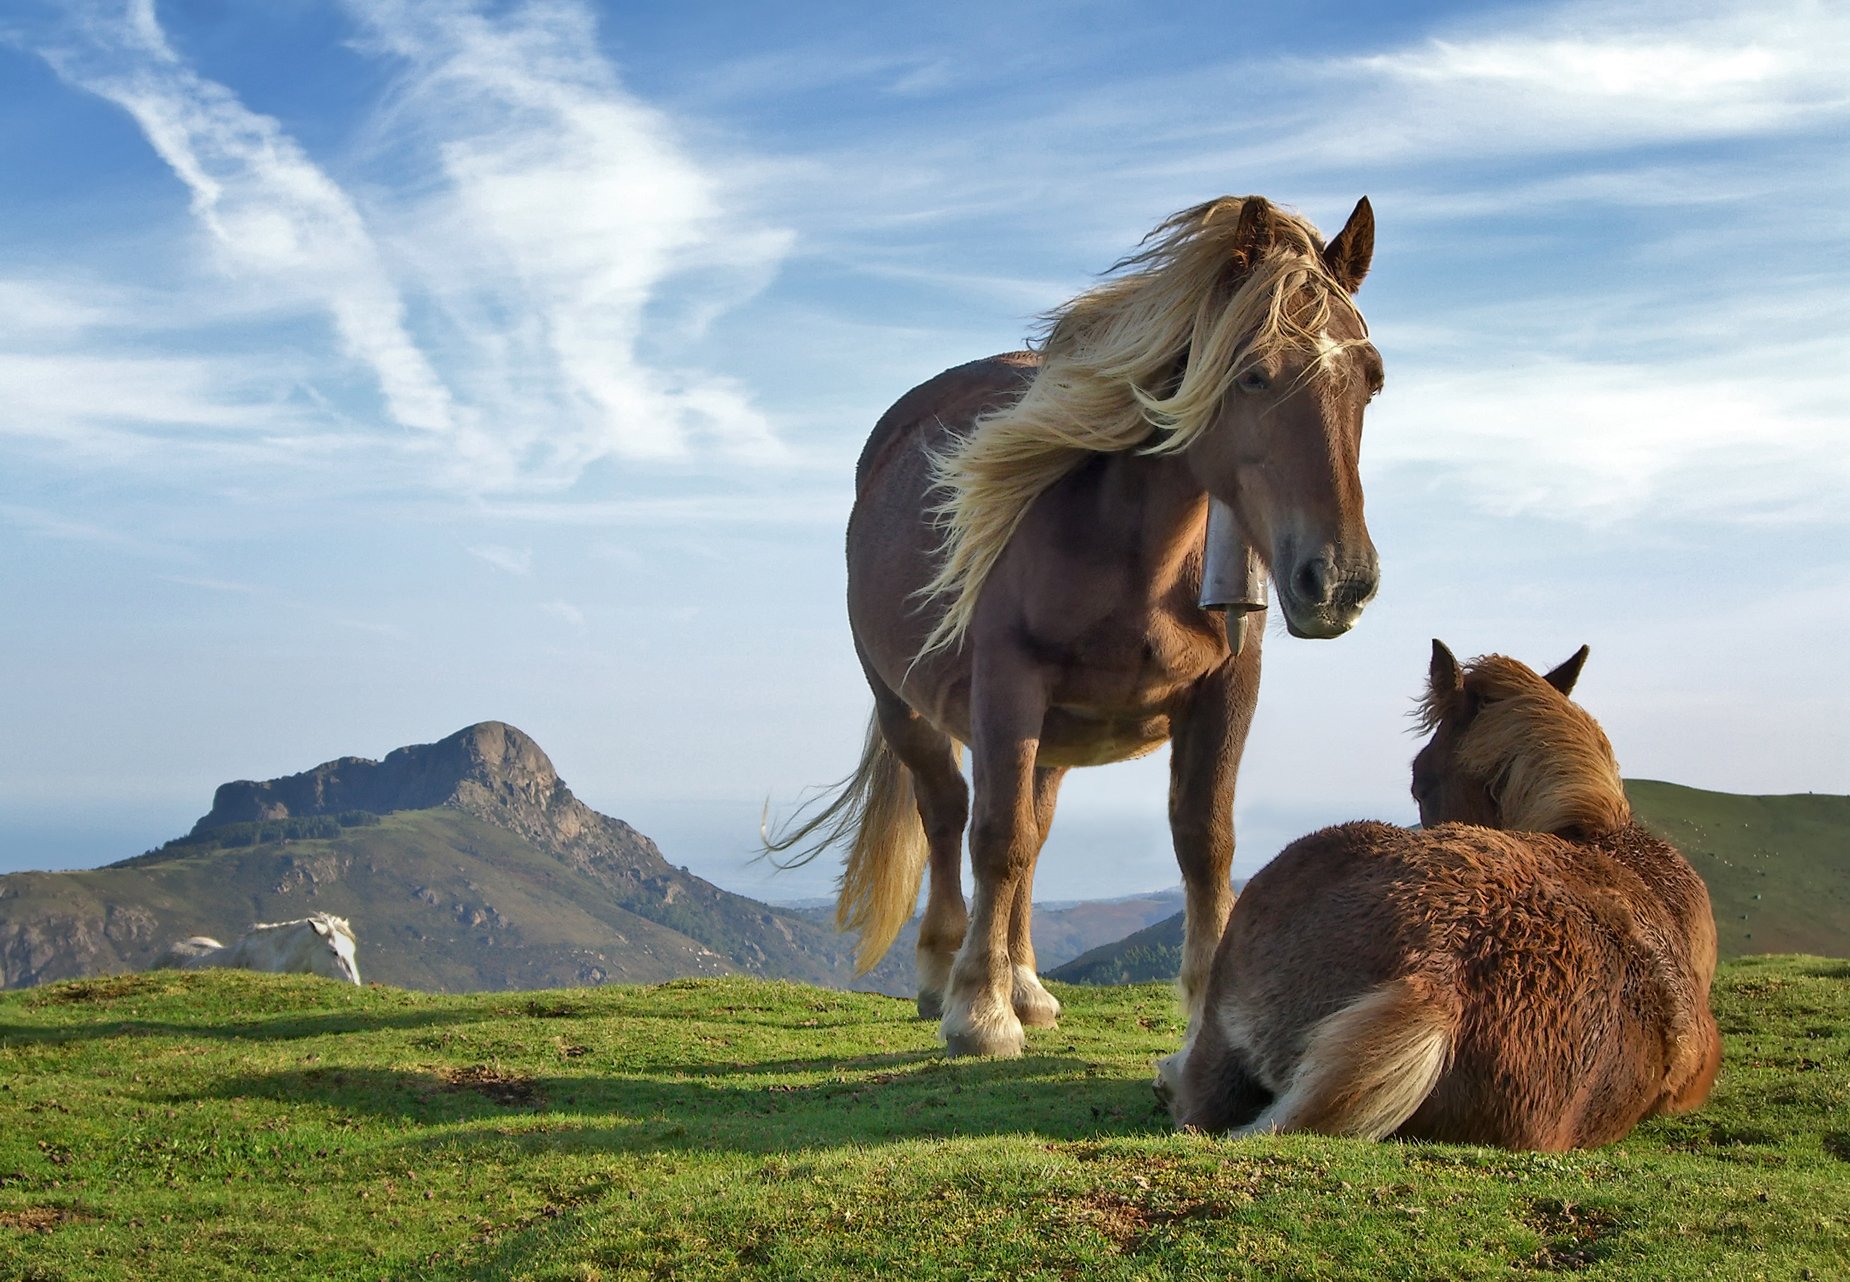 أحصنة, جبل بياندتيز, أجمل, حصان, طبيعة, أفضل صور, 2008,